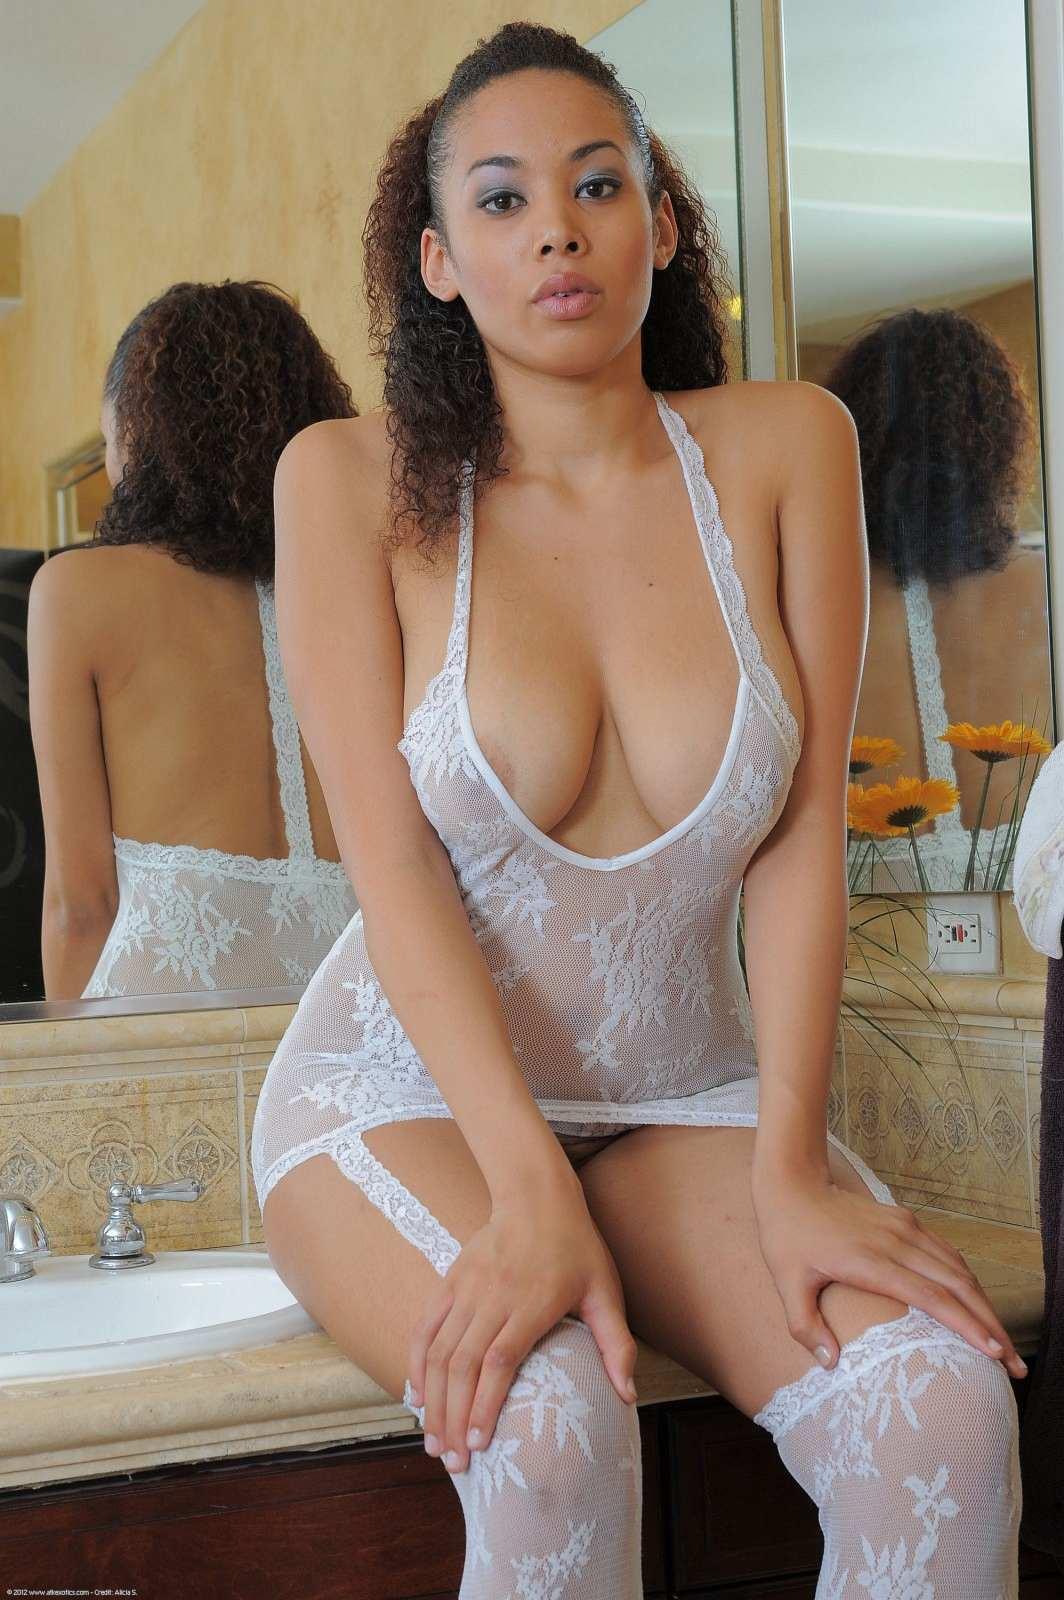 ebony women lingerie porn